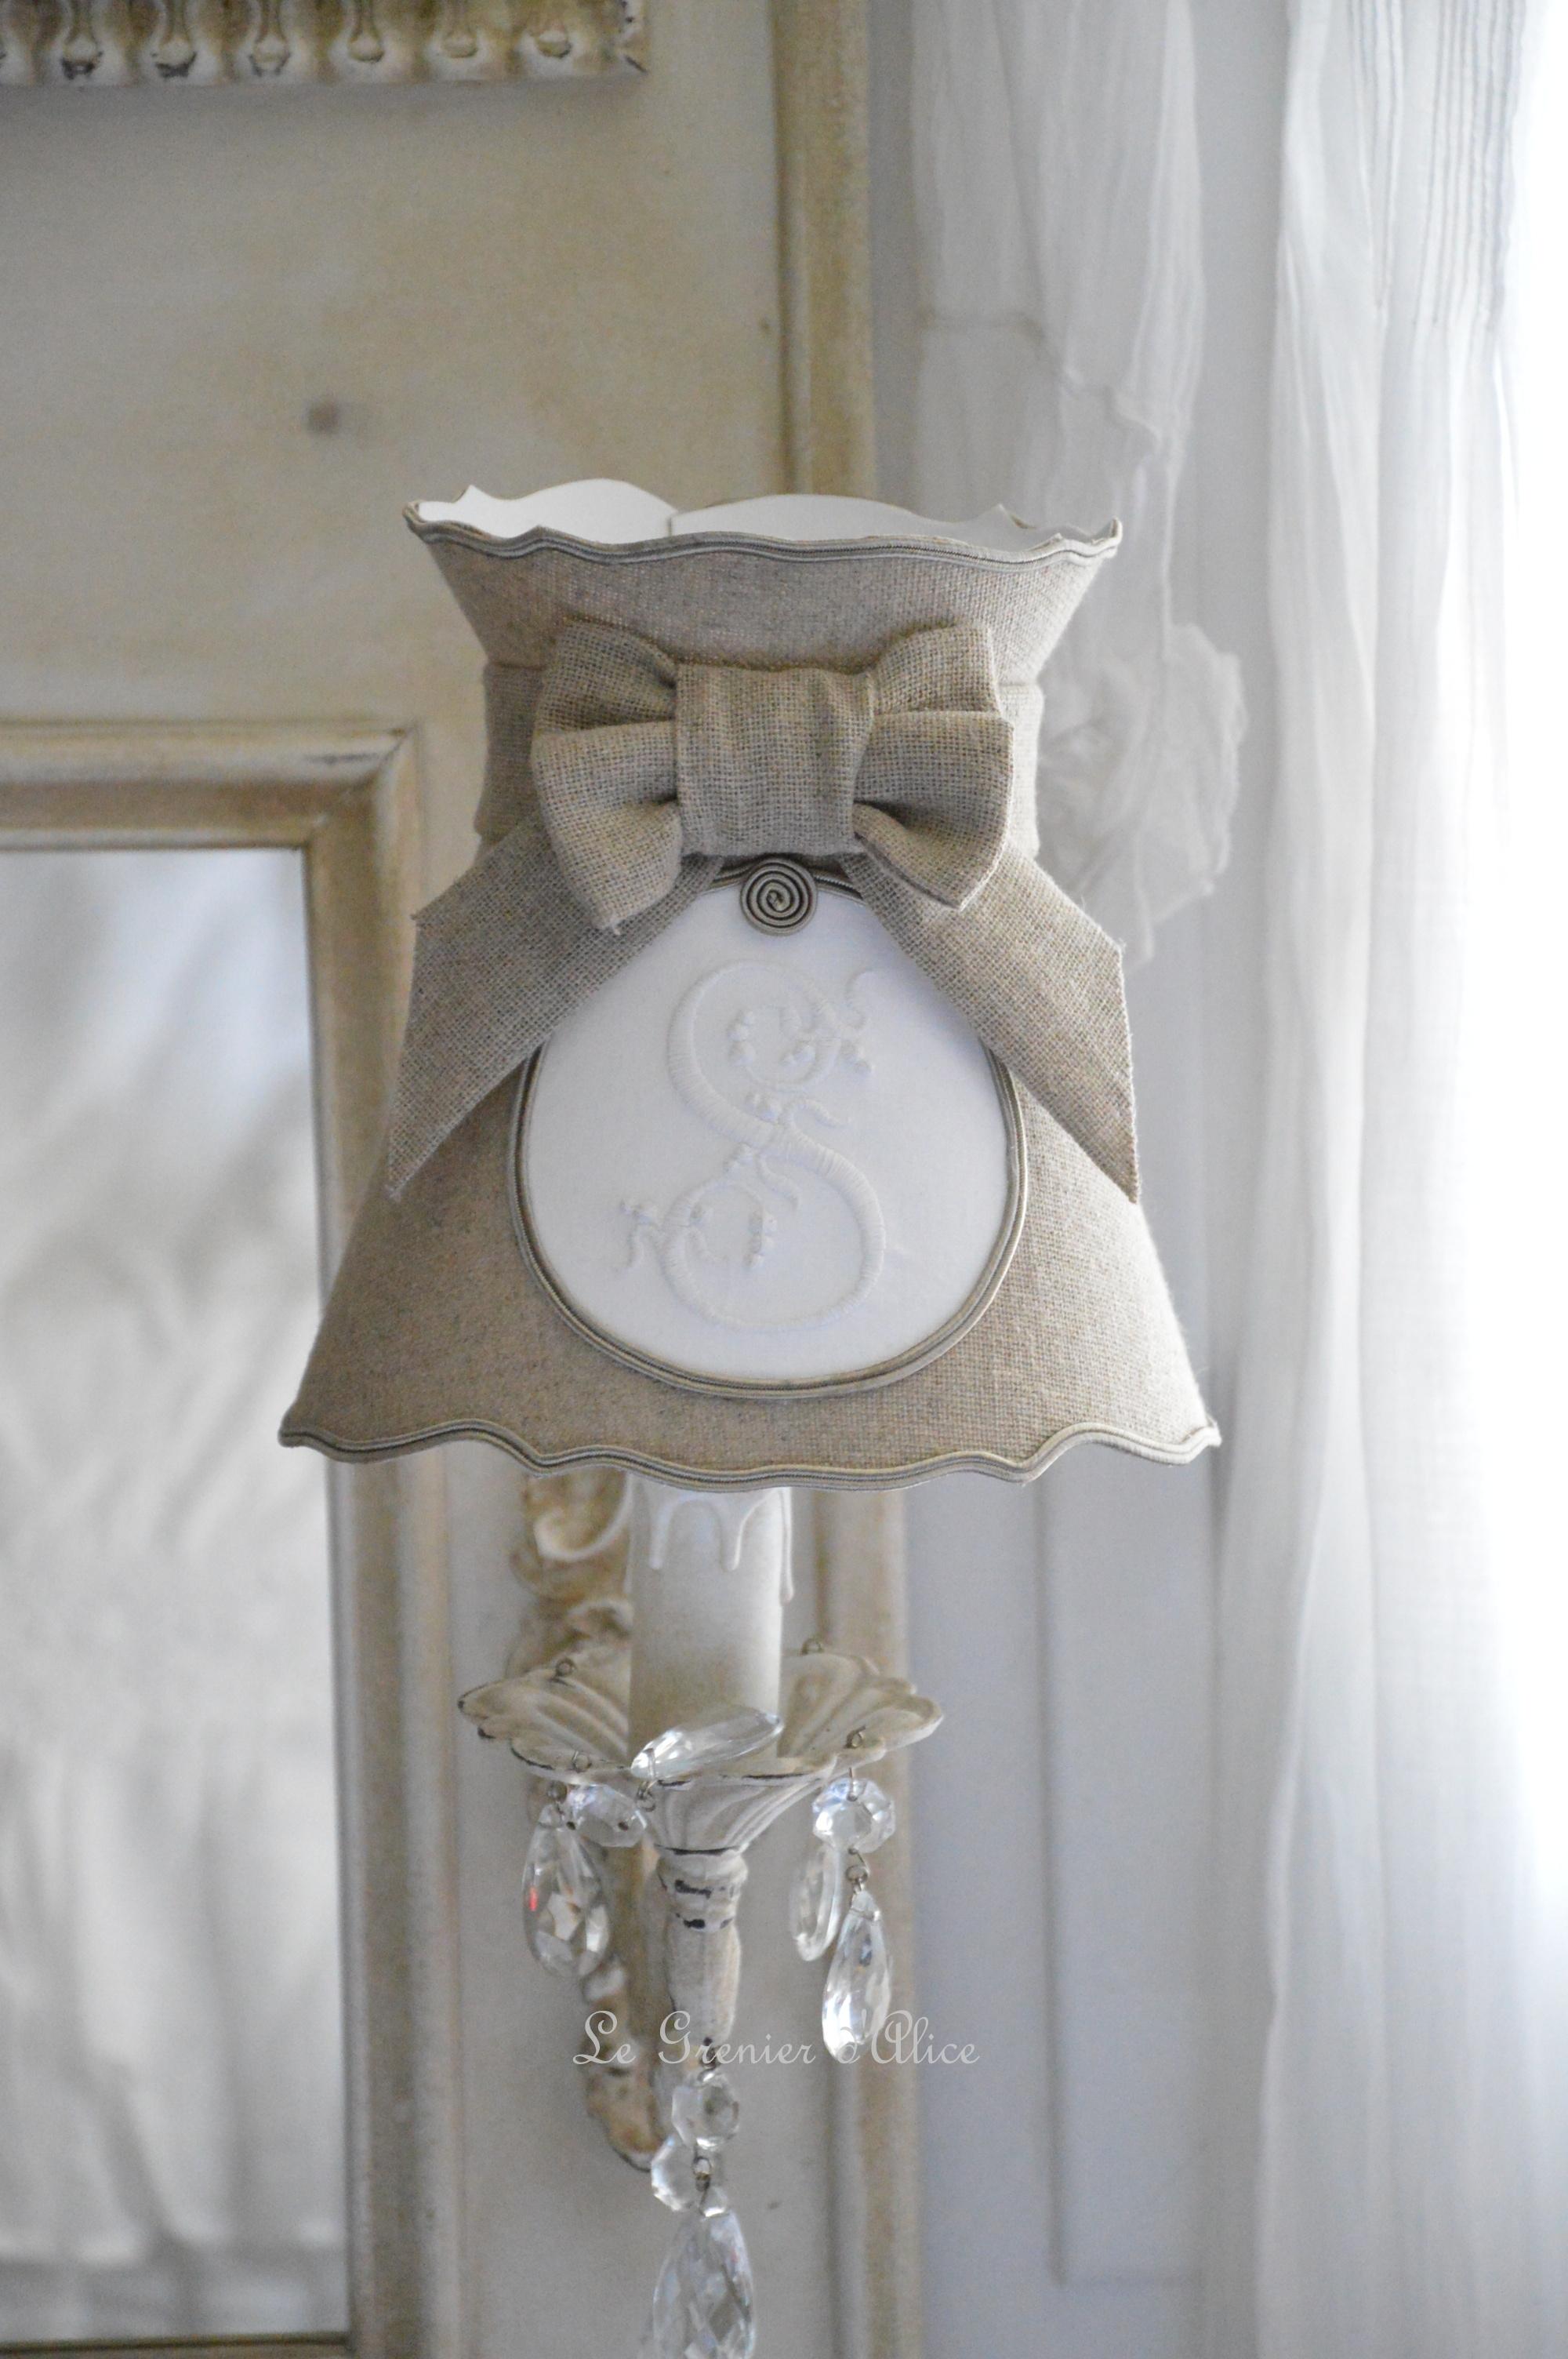 Les miroirs trumeaux patin s le grenier d 39 alice for Miroir avec applique